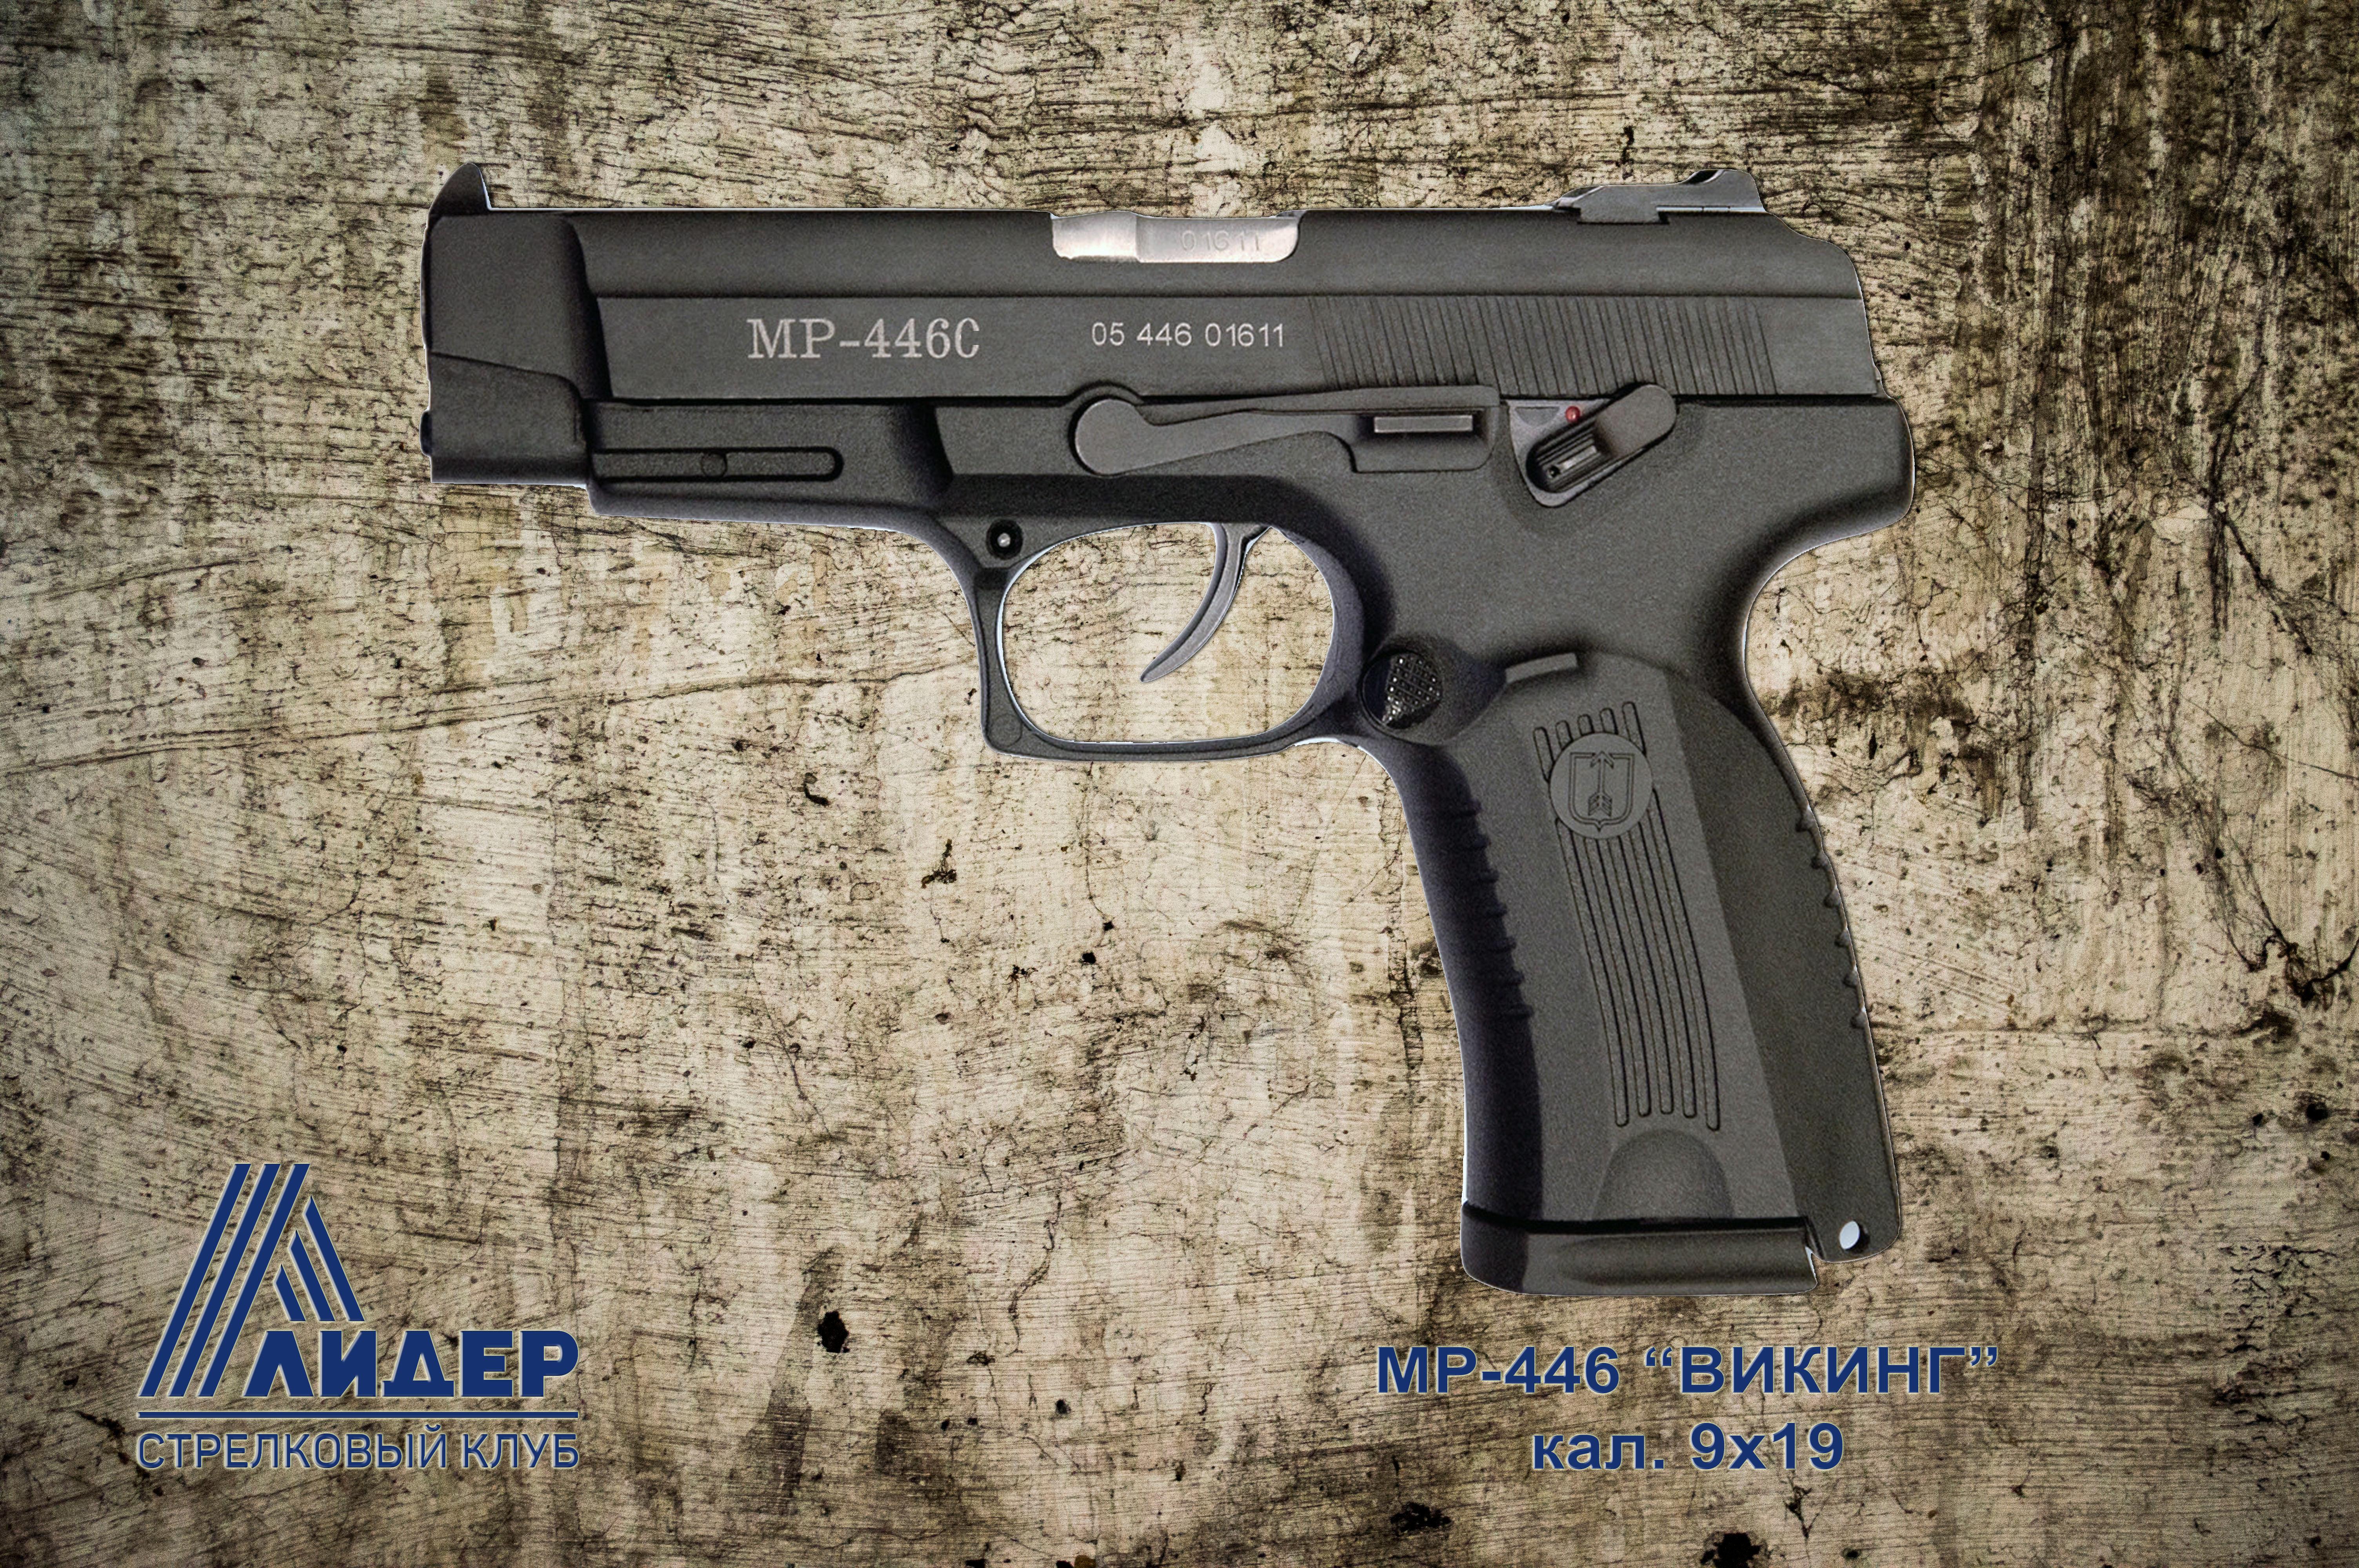 MP-446C